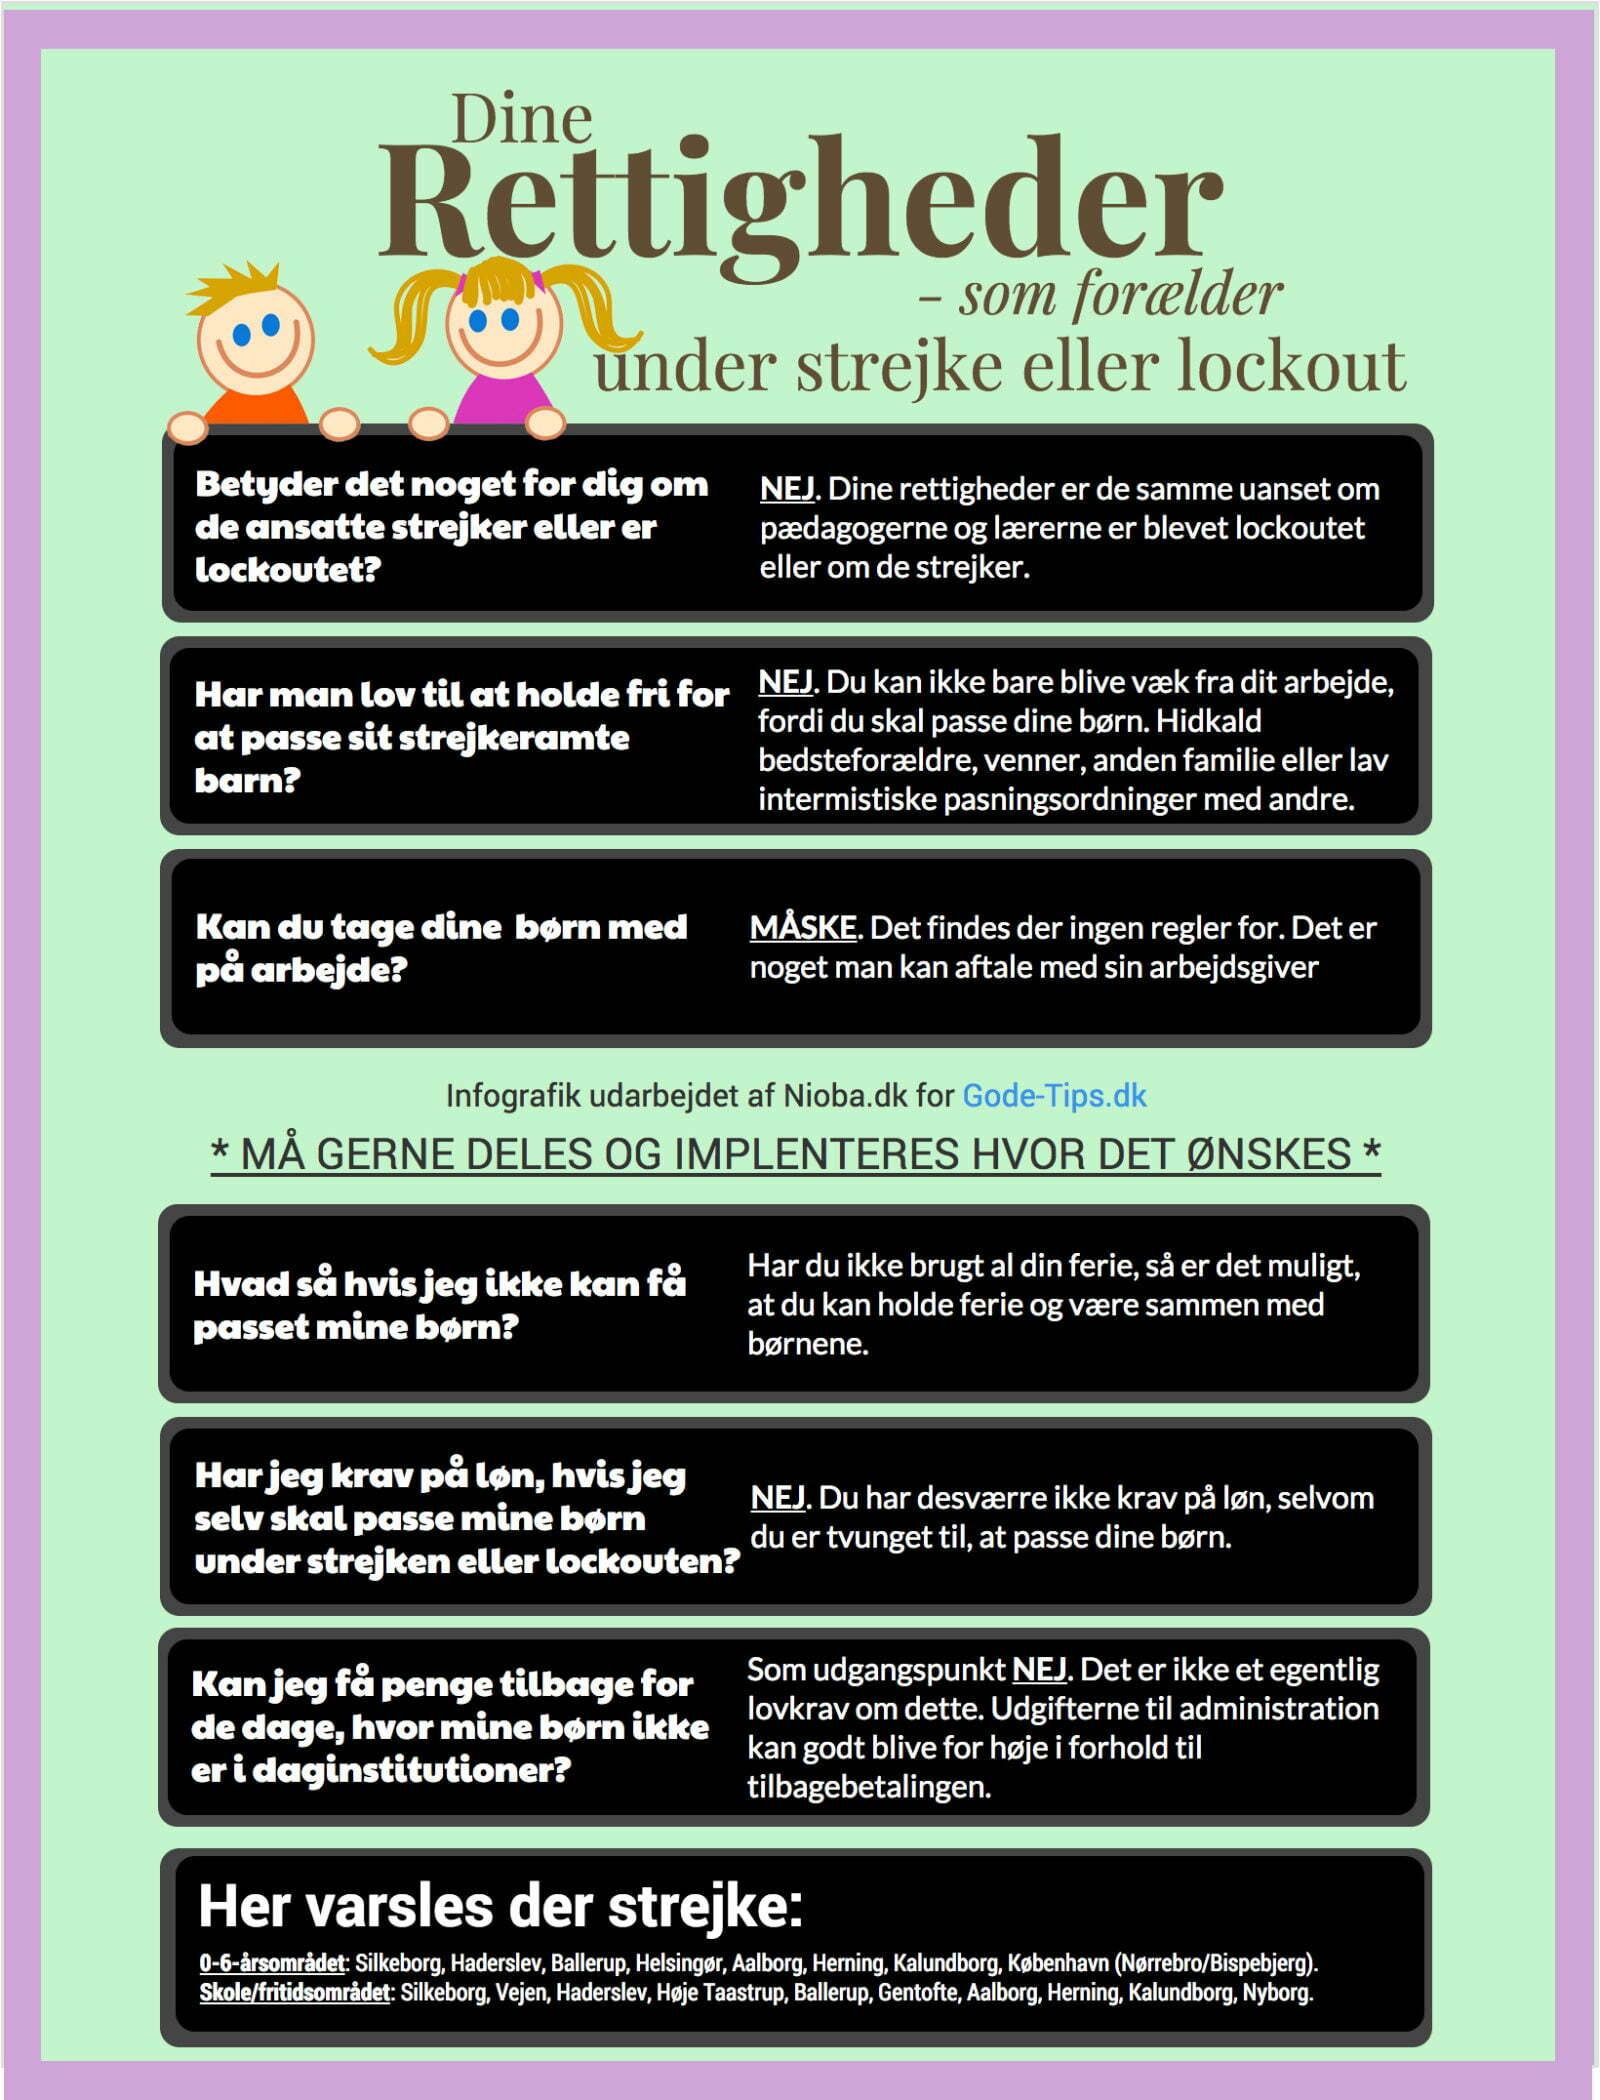 Dine rettigheder under strejke og lockout - infografik